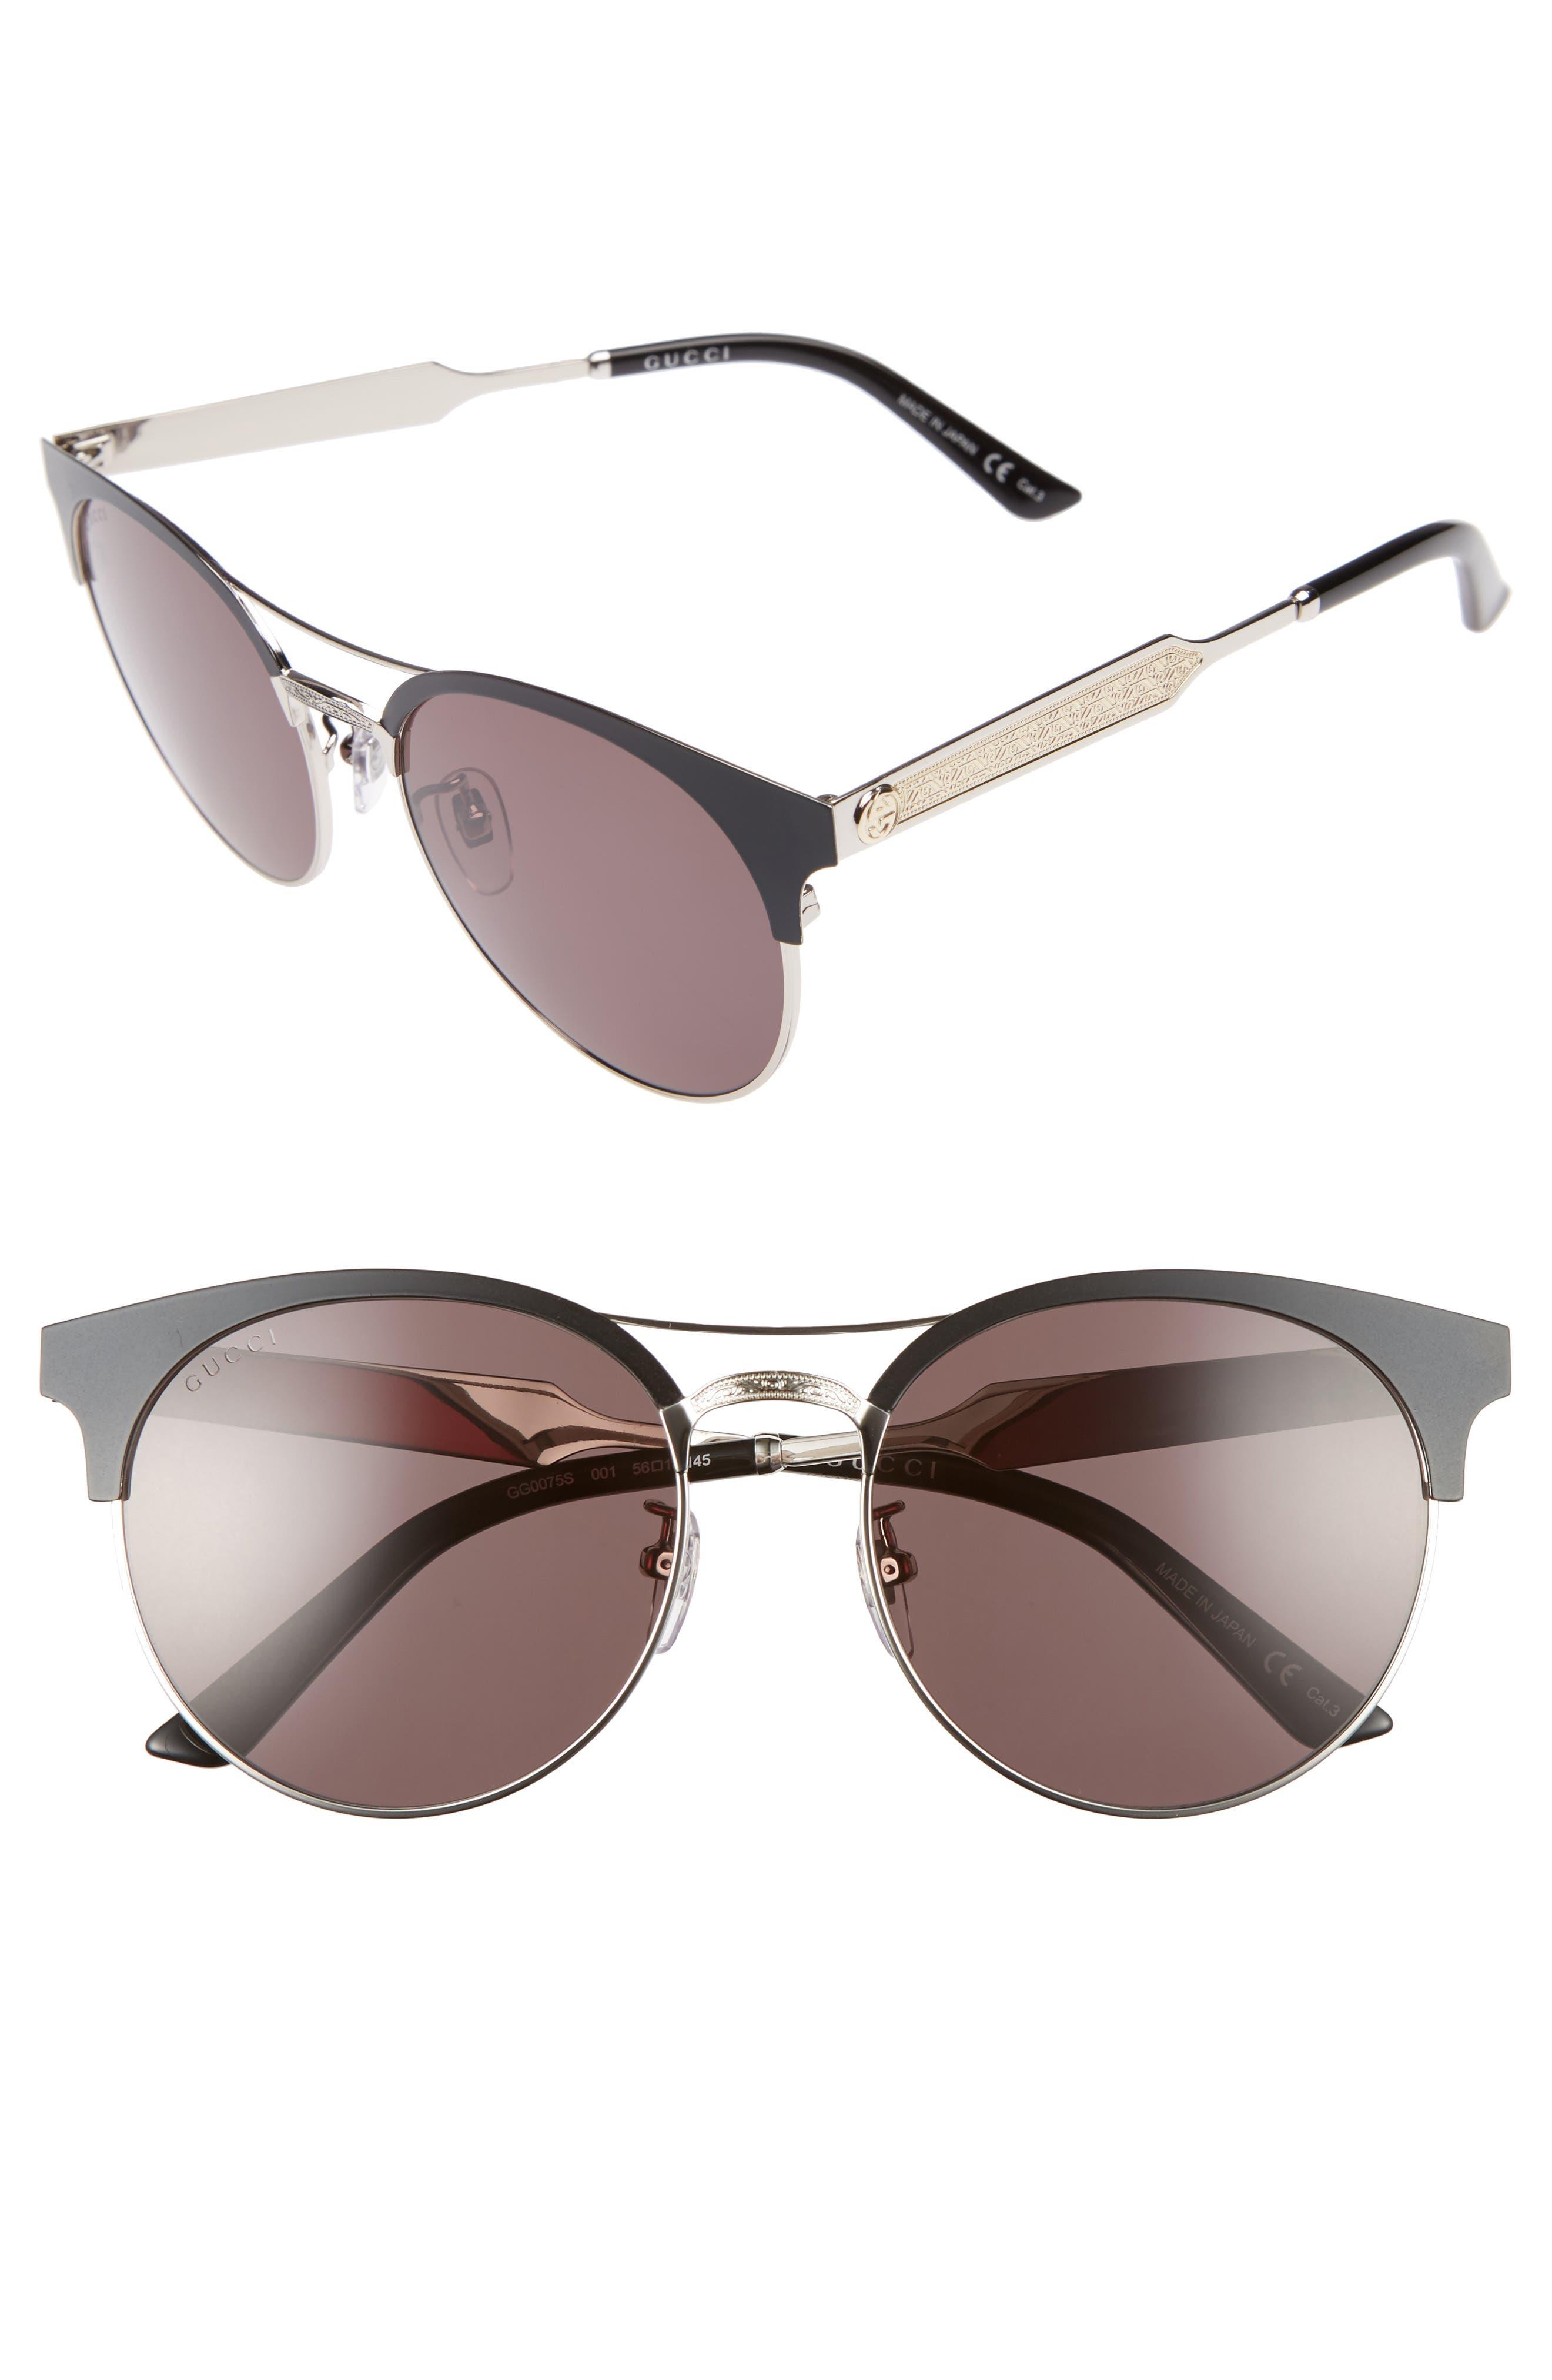 56mm Retro Sunglasses,                         Main,                         color,